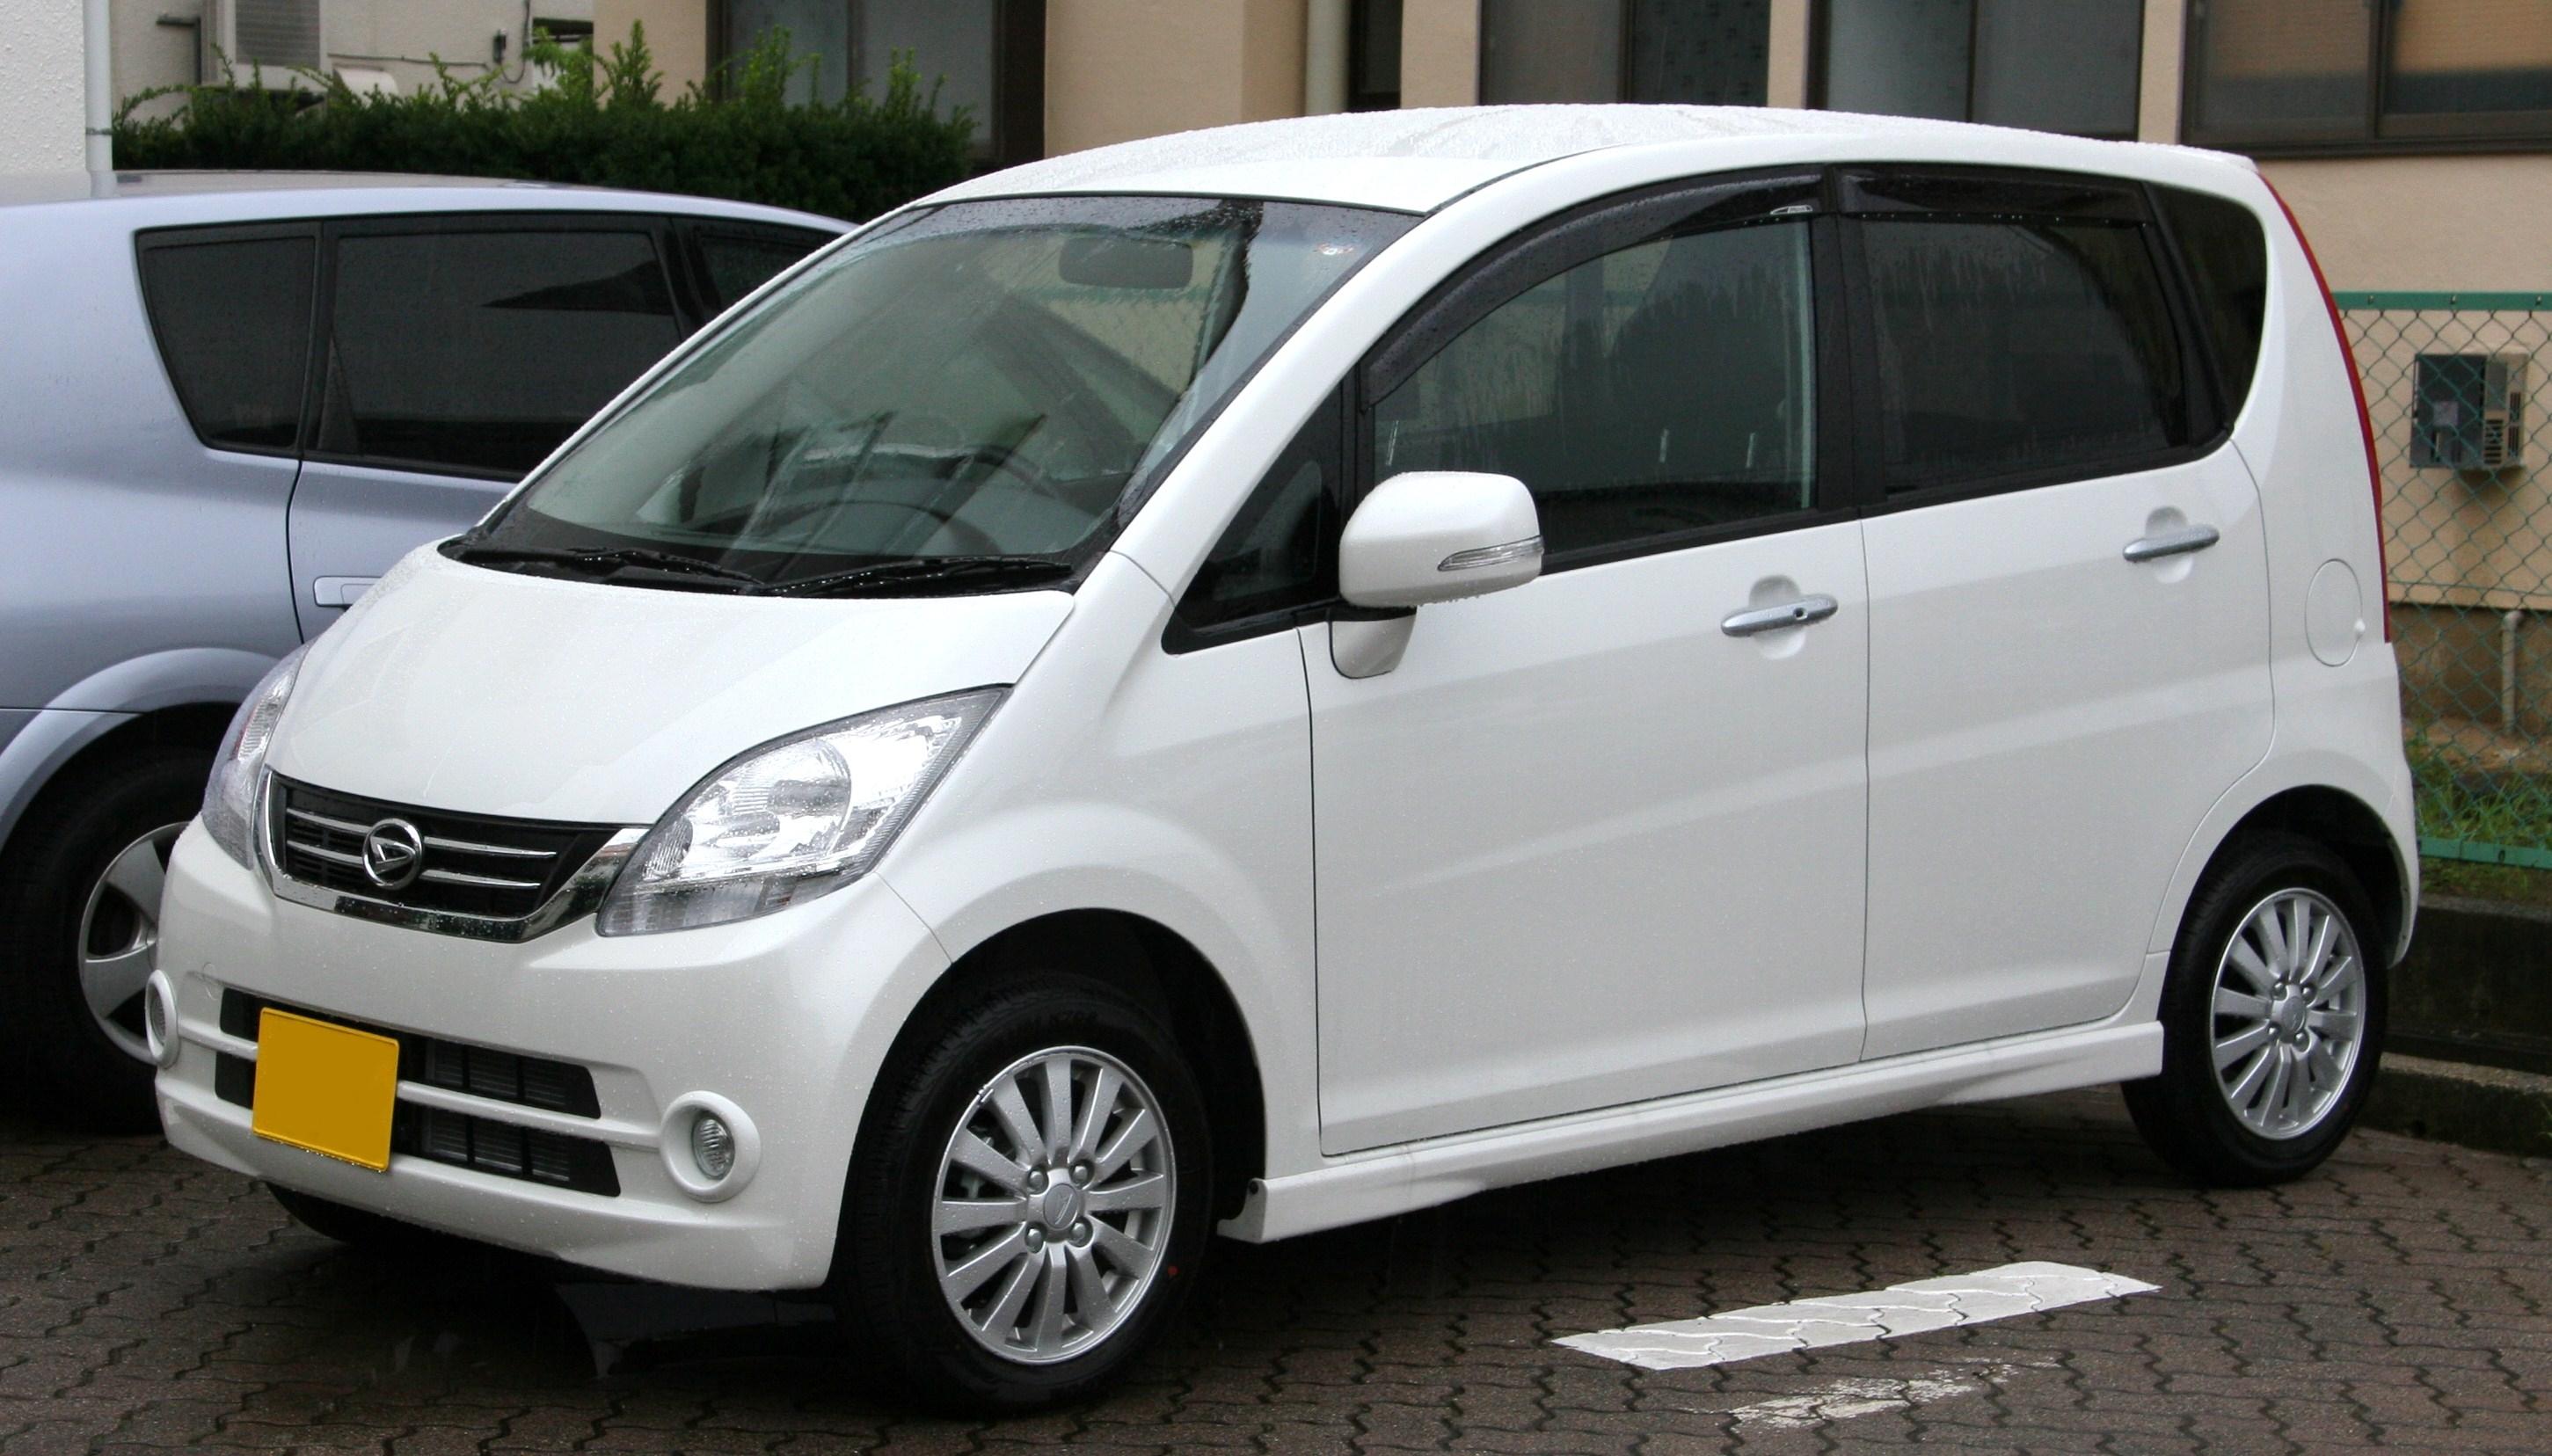 Daihatsu Move Latte 2004 - 2009 Microvan #4